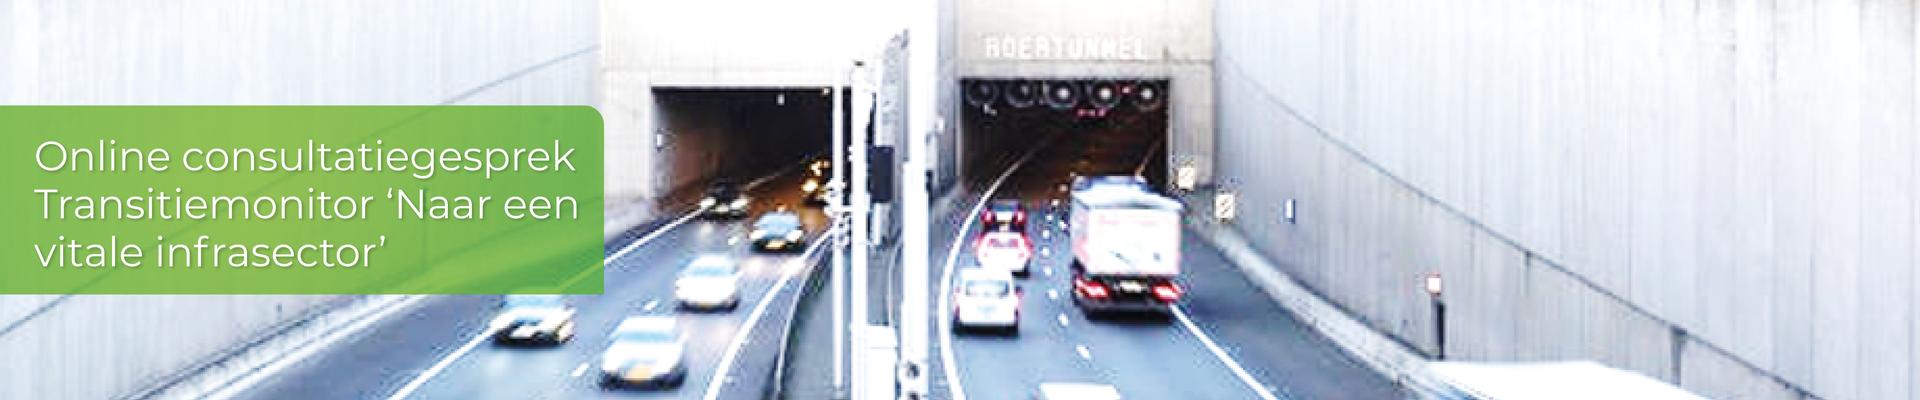 Consultatiegesprek Transitiemonitor 'Op weg naar een vitale infrasector'